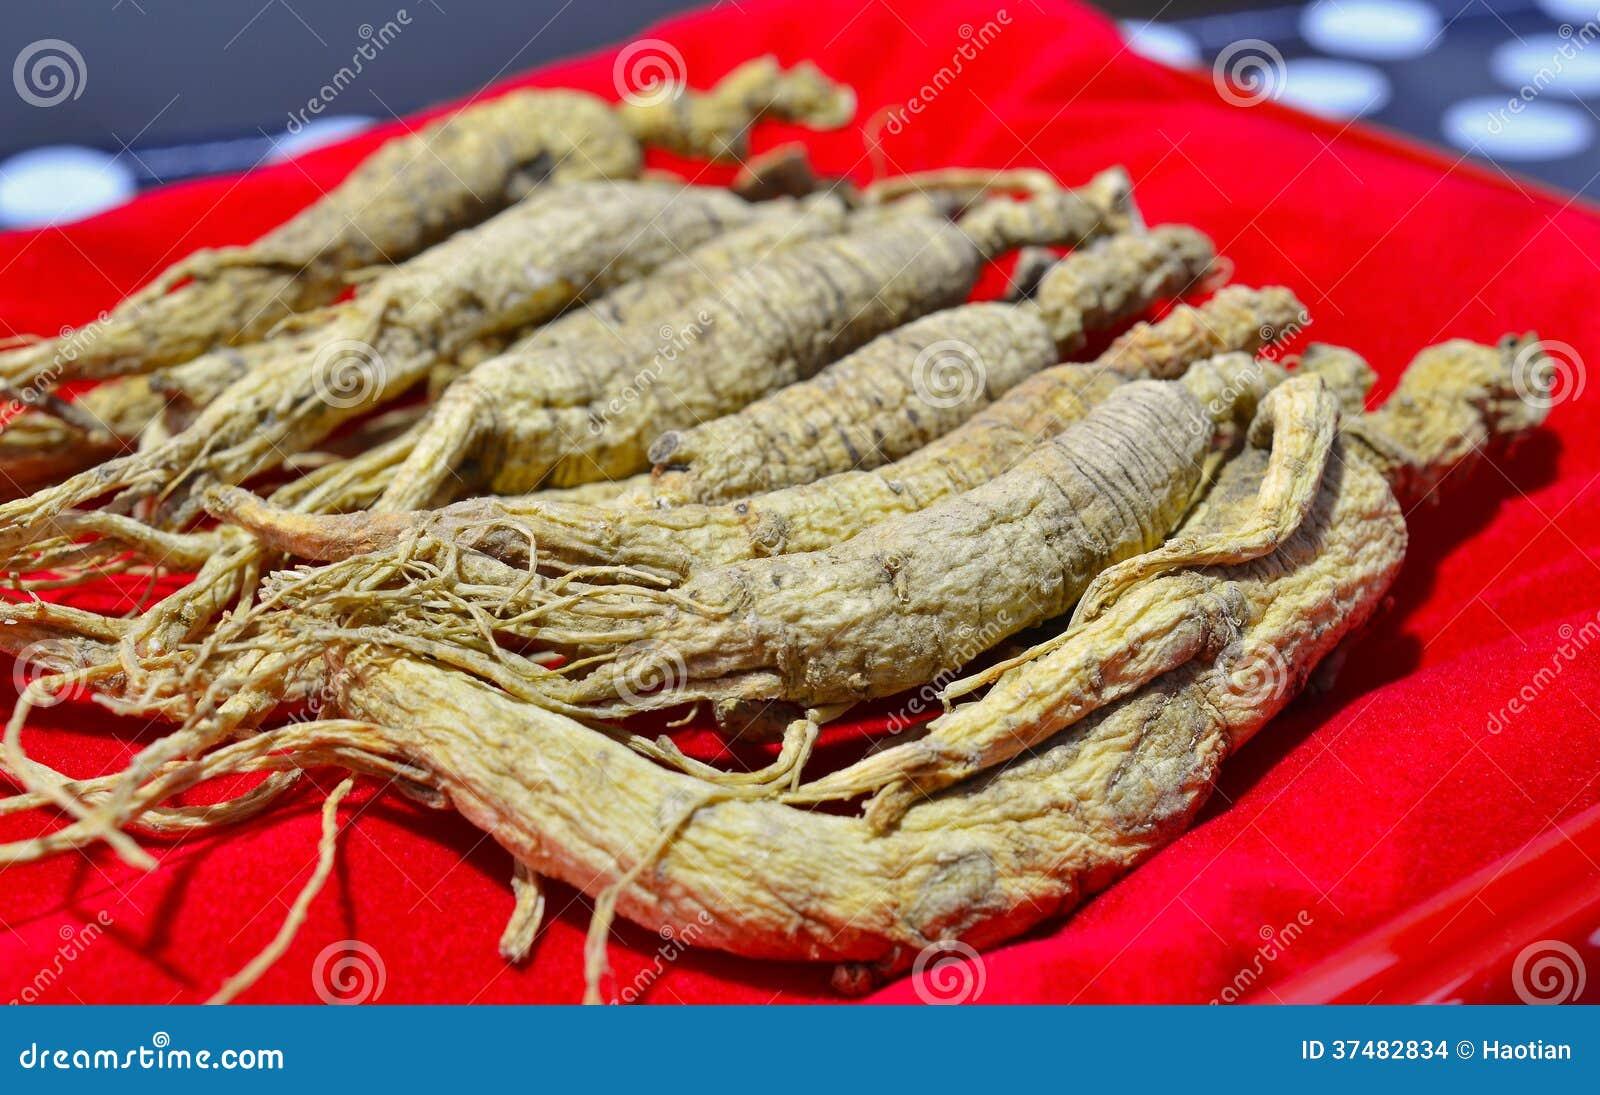 Chinese Ginseng Stock Photo